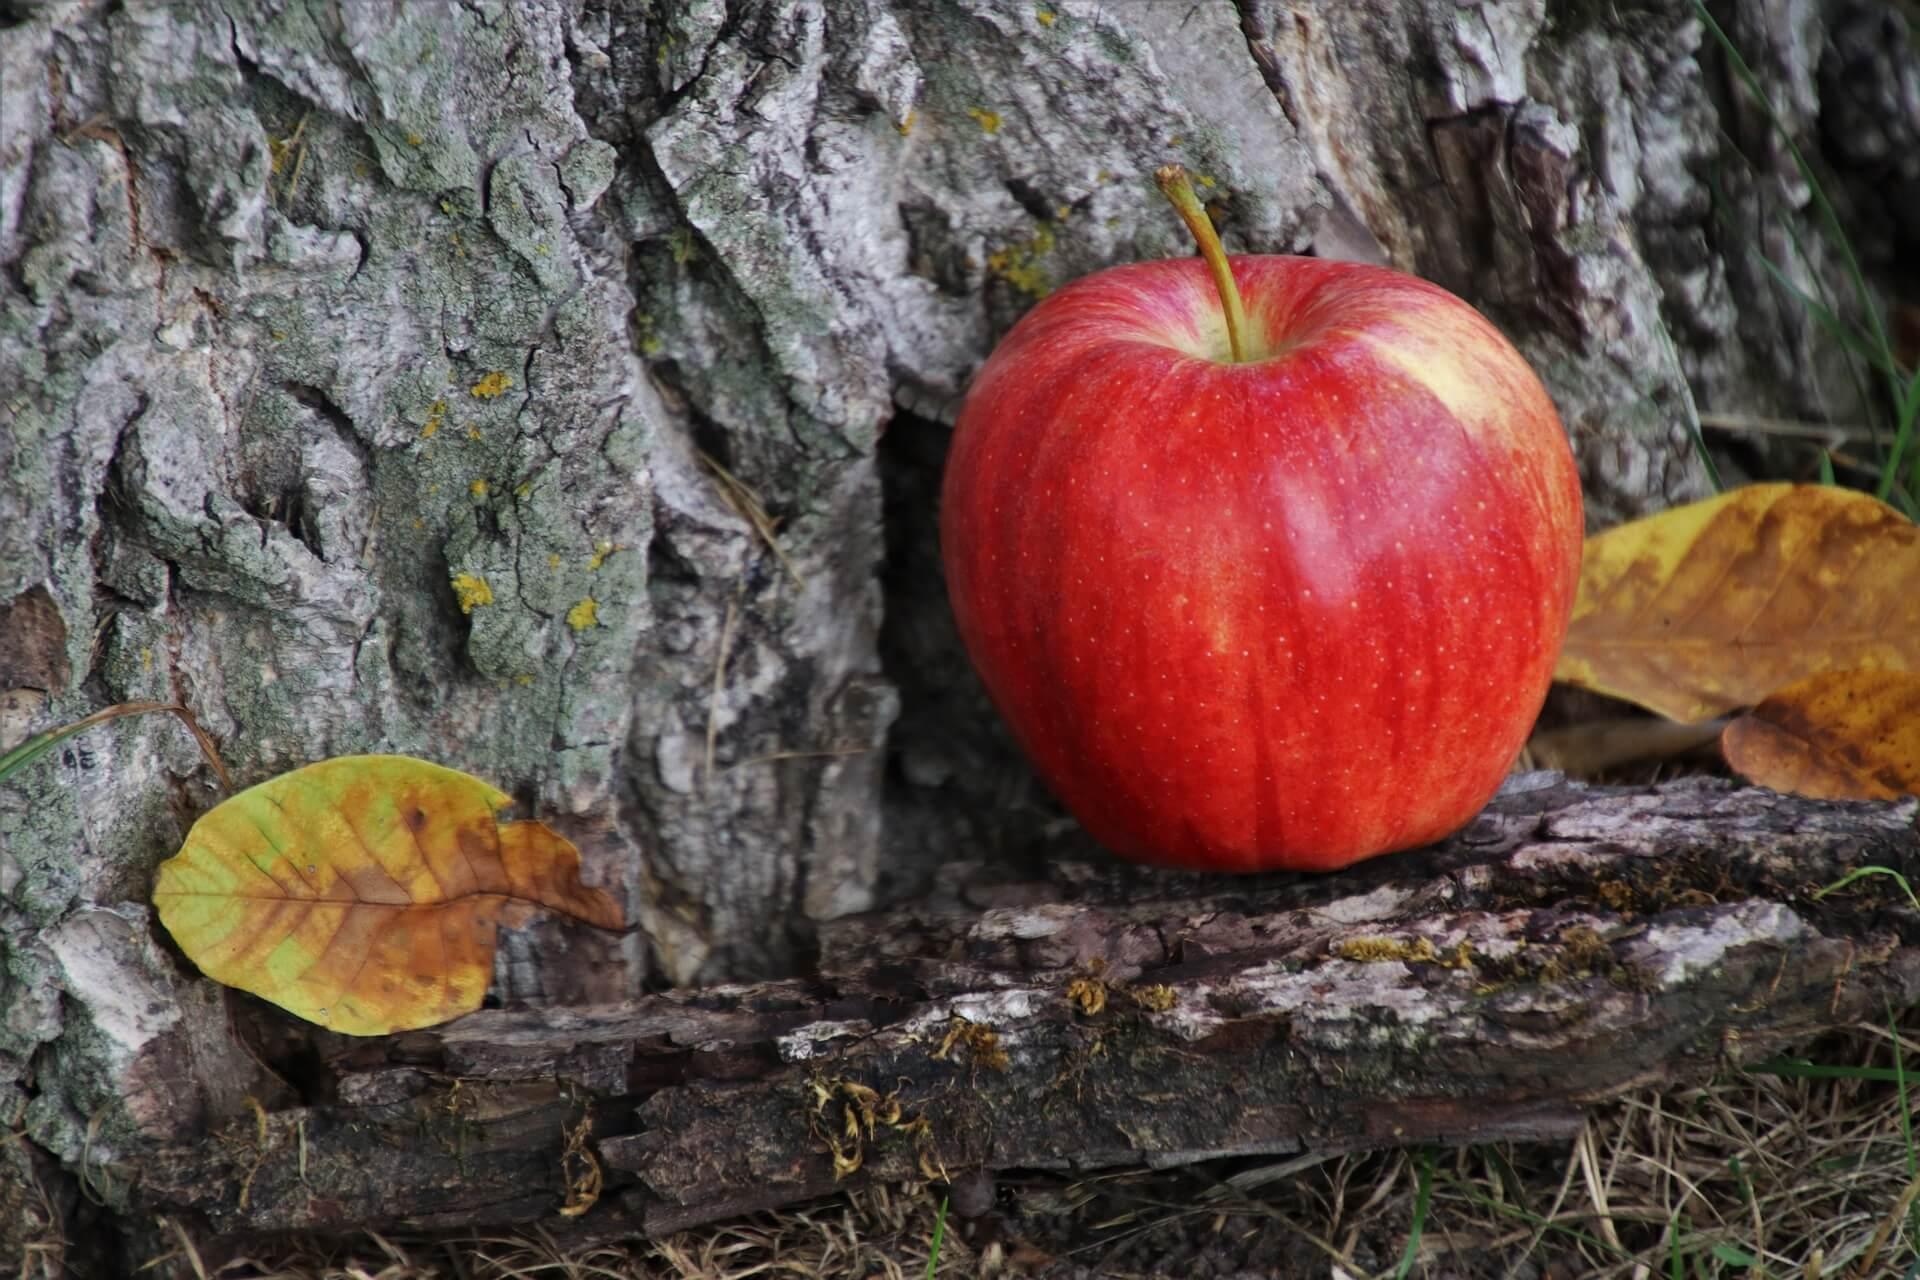 Spriječite rak kore jabuka tretiranjem bakrom i vapnom